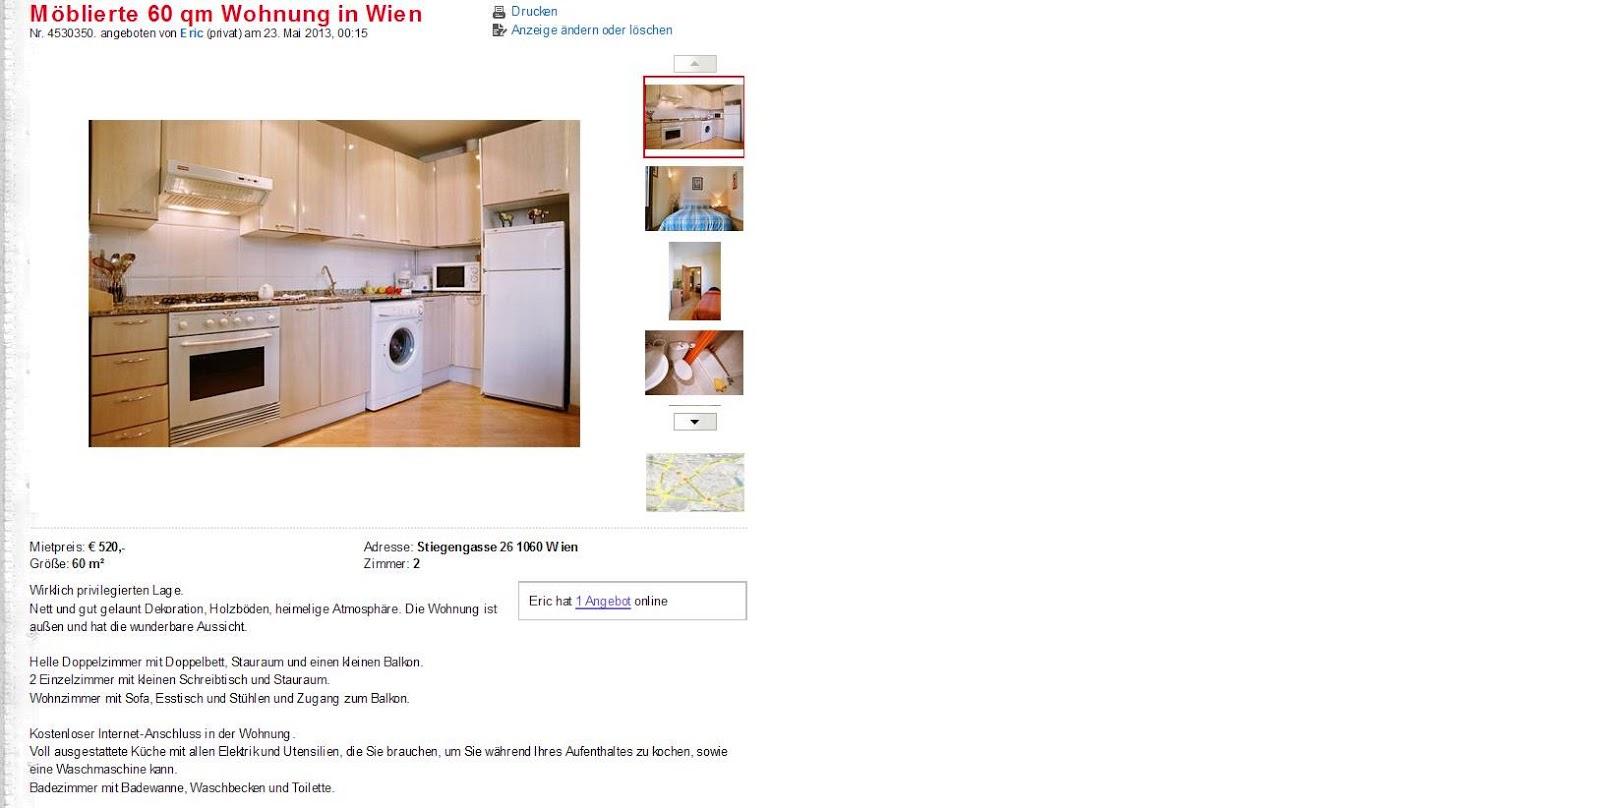 wohnungsbetrug2013 informationen ber wohnungsbetrug seite 225. Black Bedroom Furniture Sets. Home Design Ideas